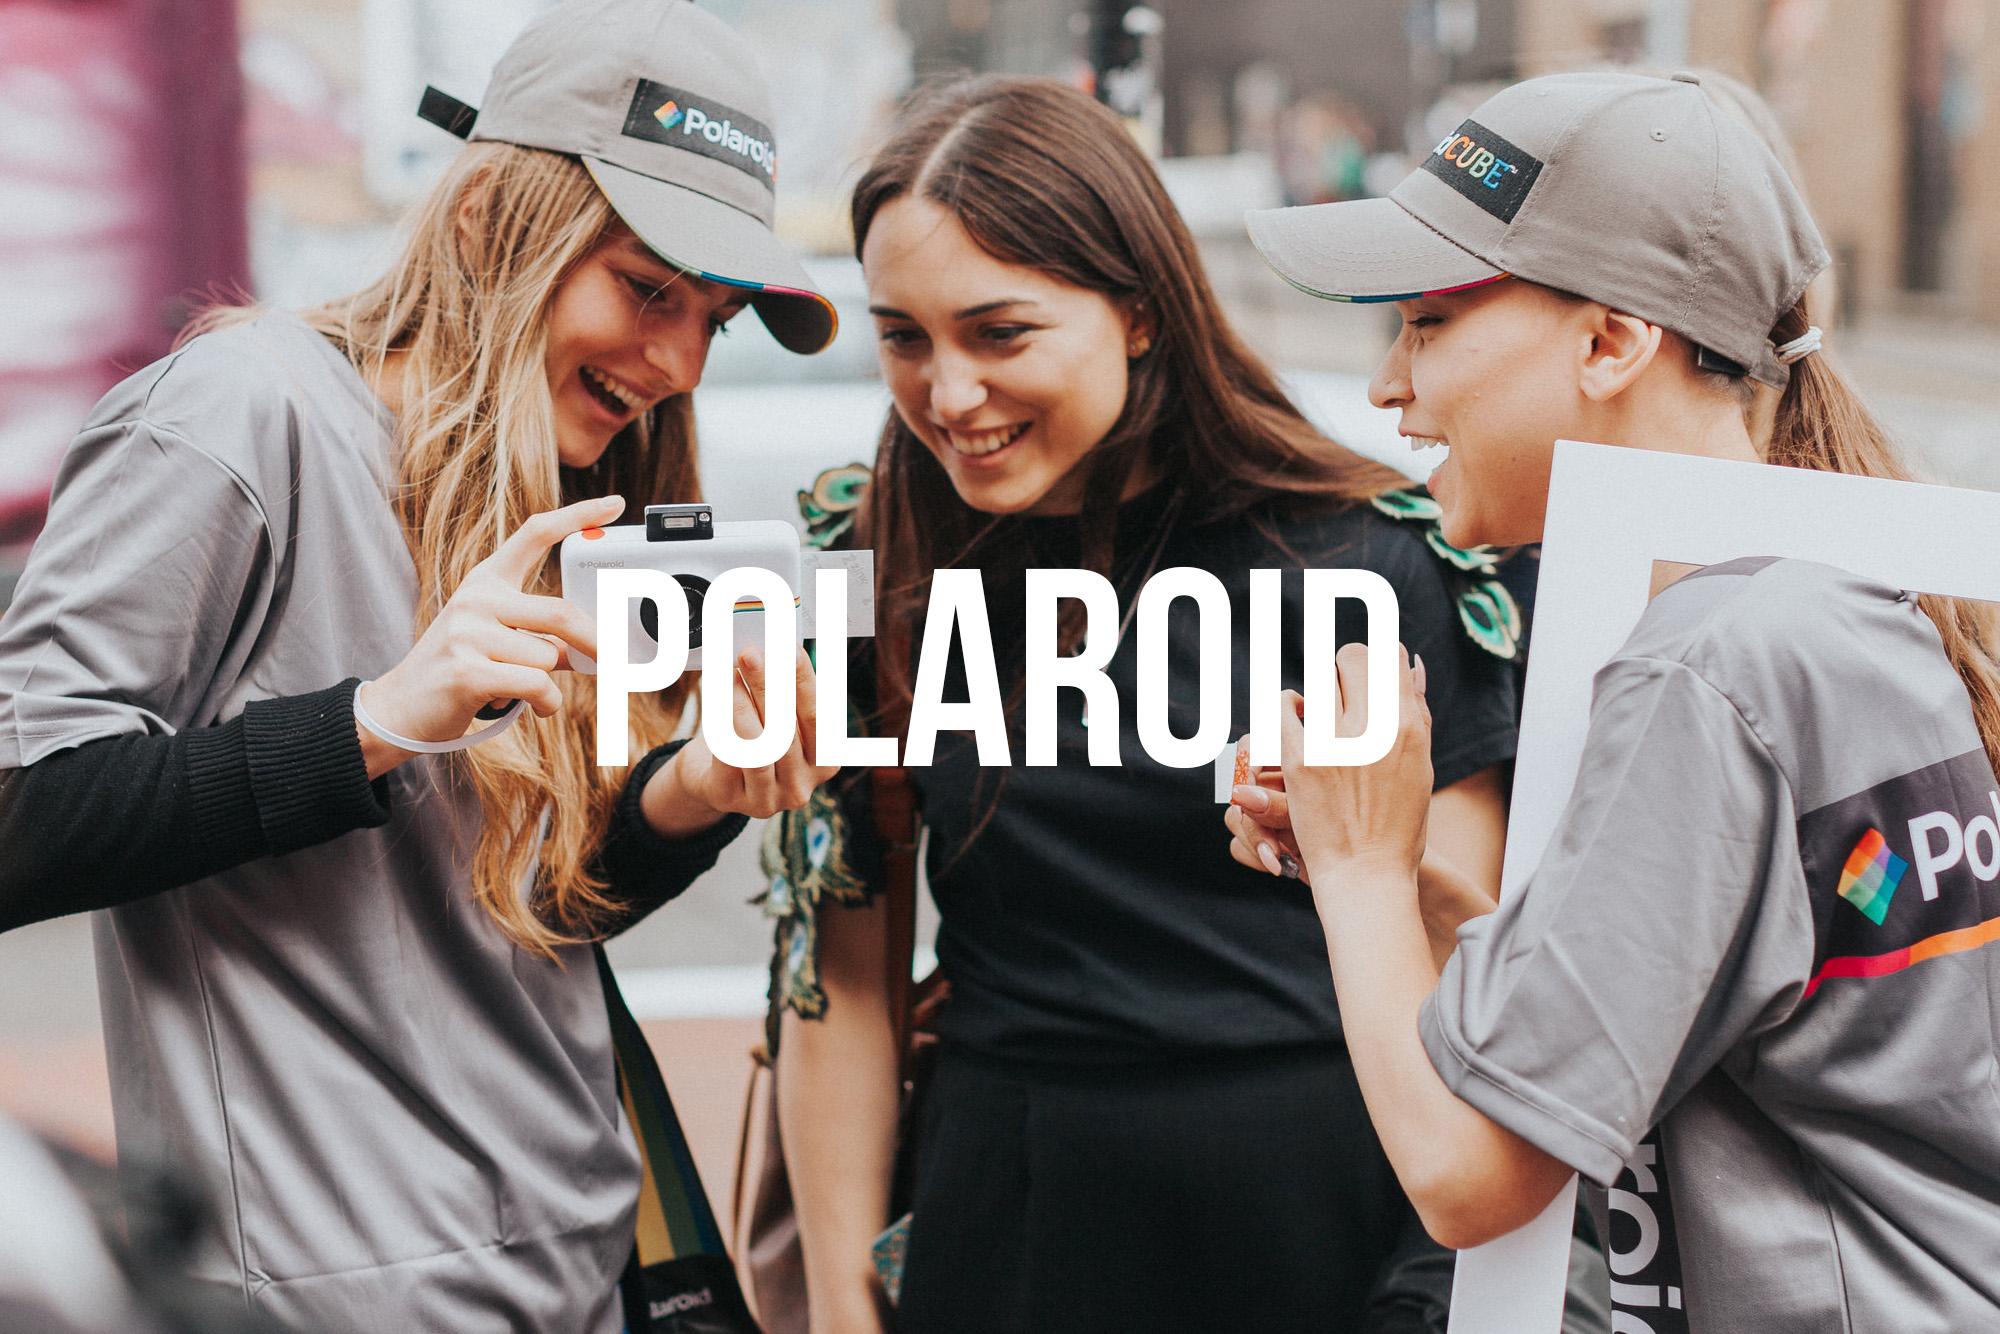 leszek_lata_polaroid.jpg